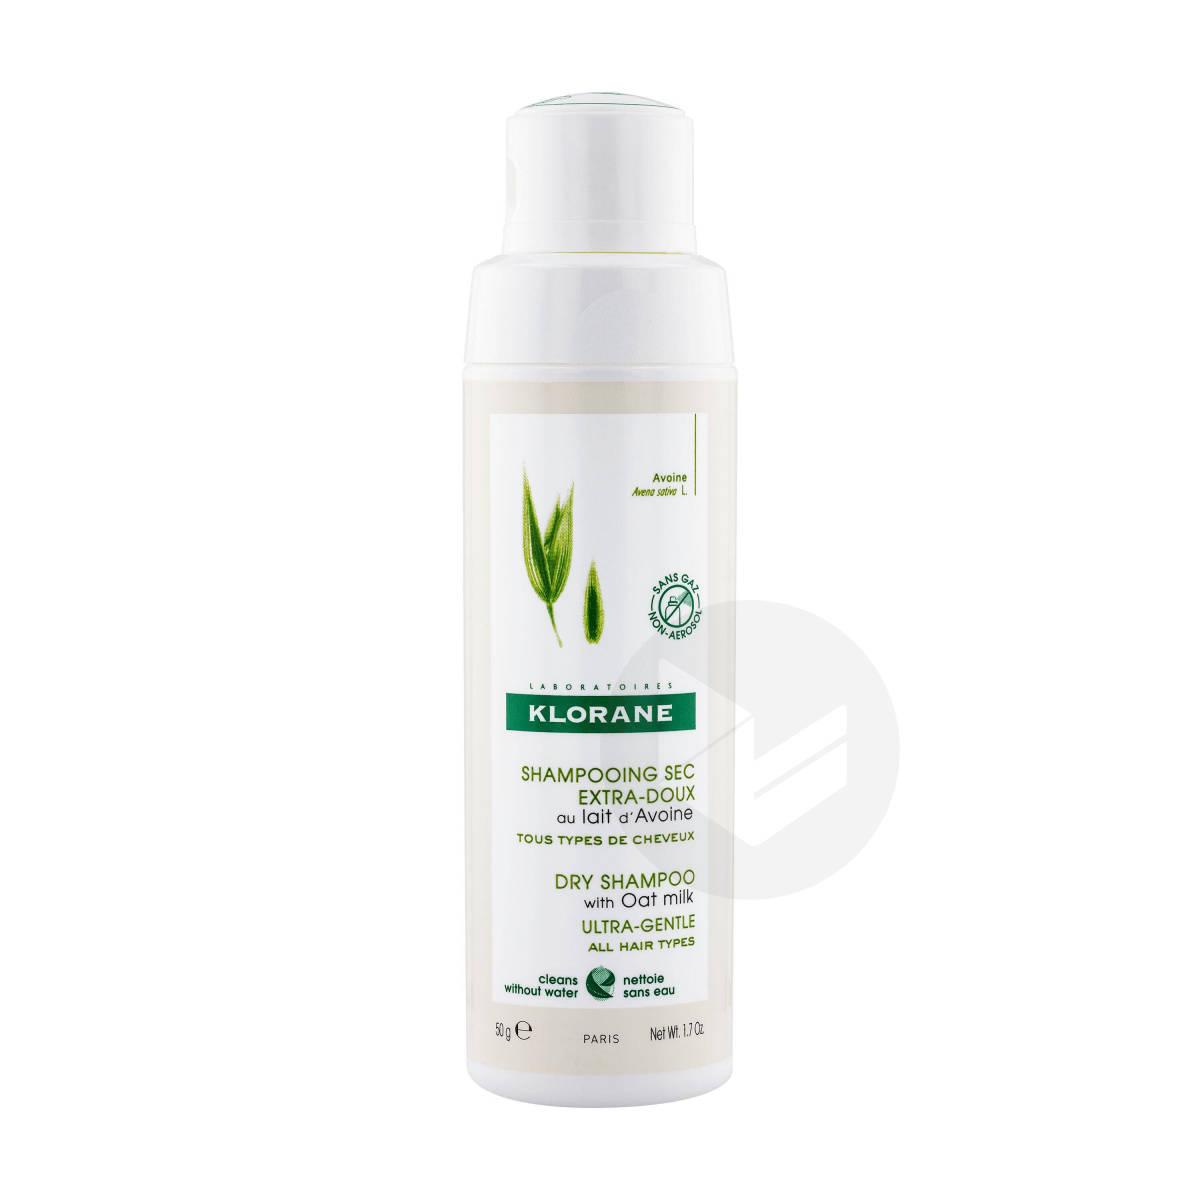 Shampoing secenpoudreextra-doux au lait d'Avoine 50ml